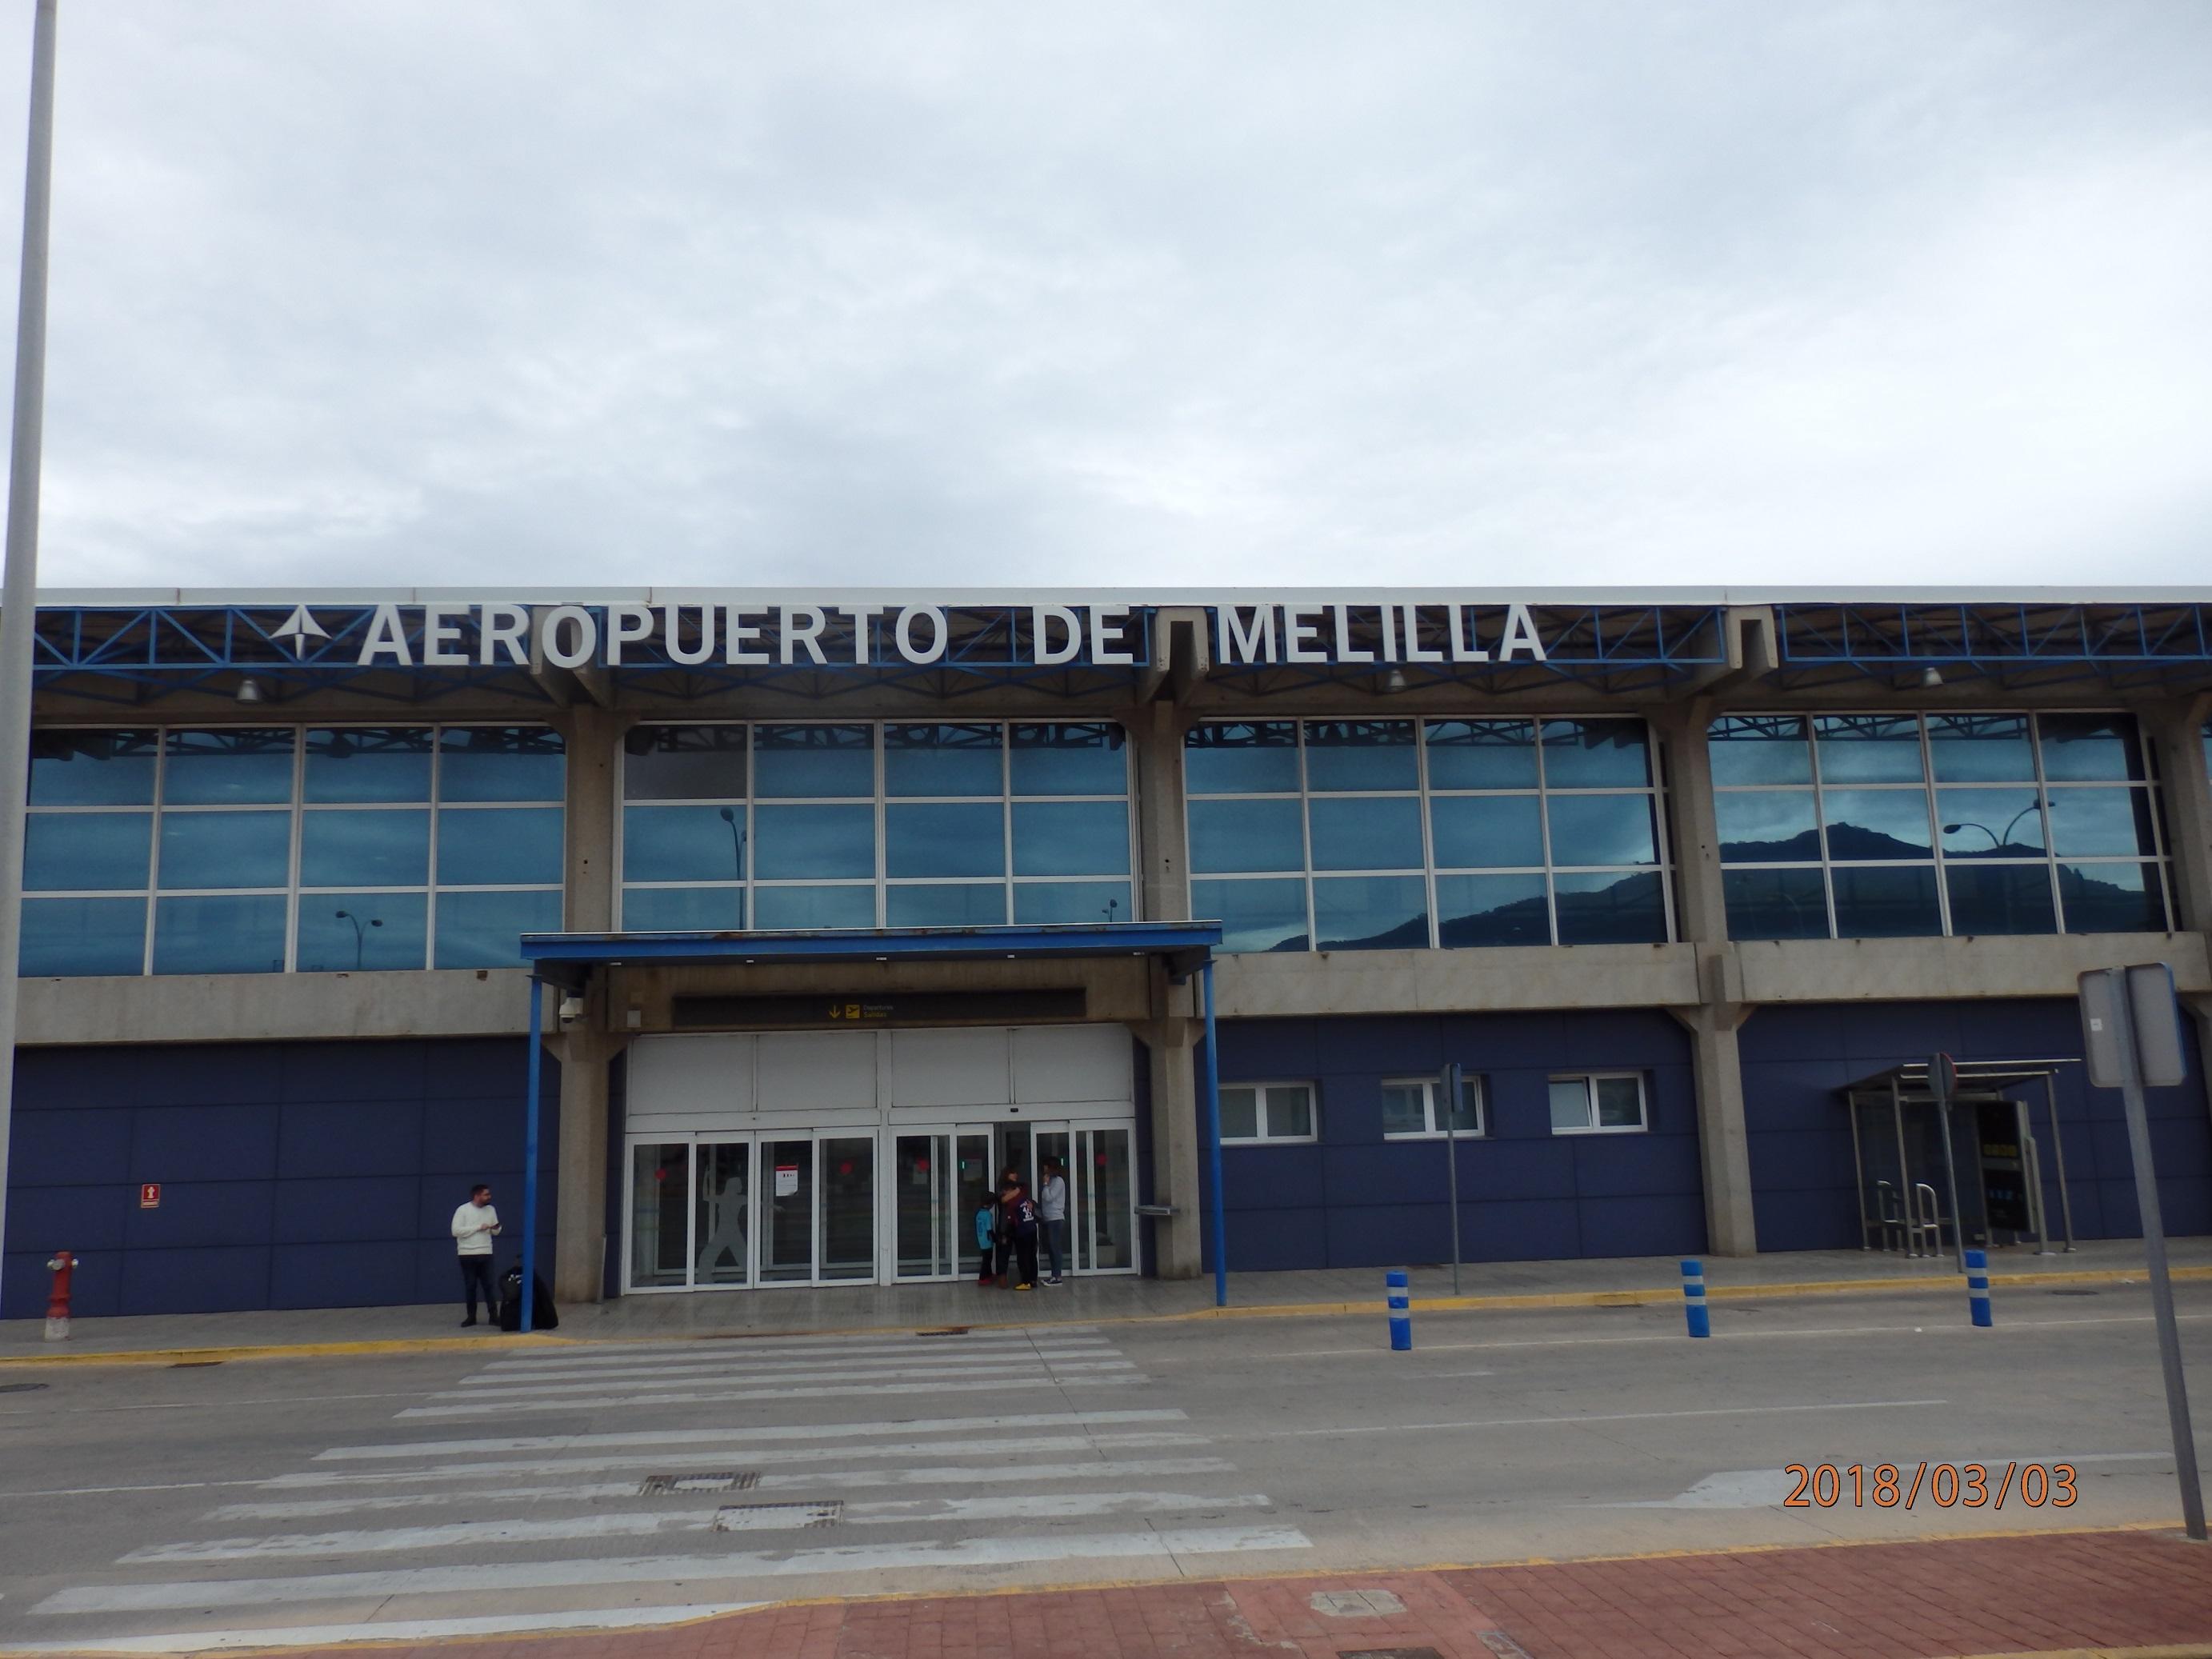 عودة الربط الجوي.. استئناف الرحلات الجوية بين مليلية ومالاقا يوم 22 يونيو